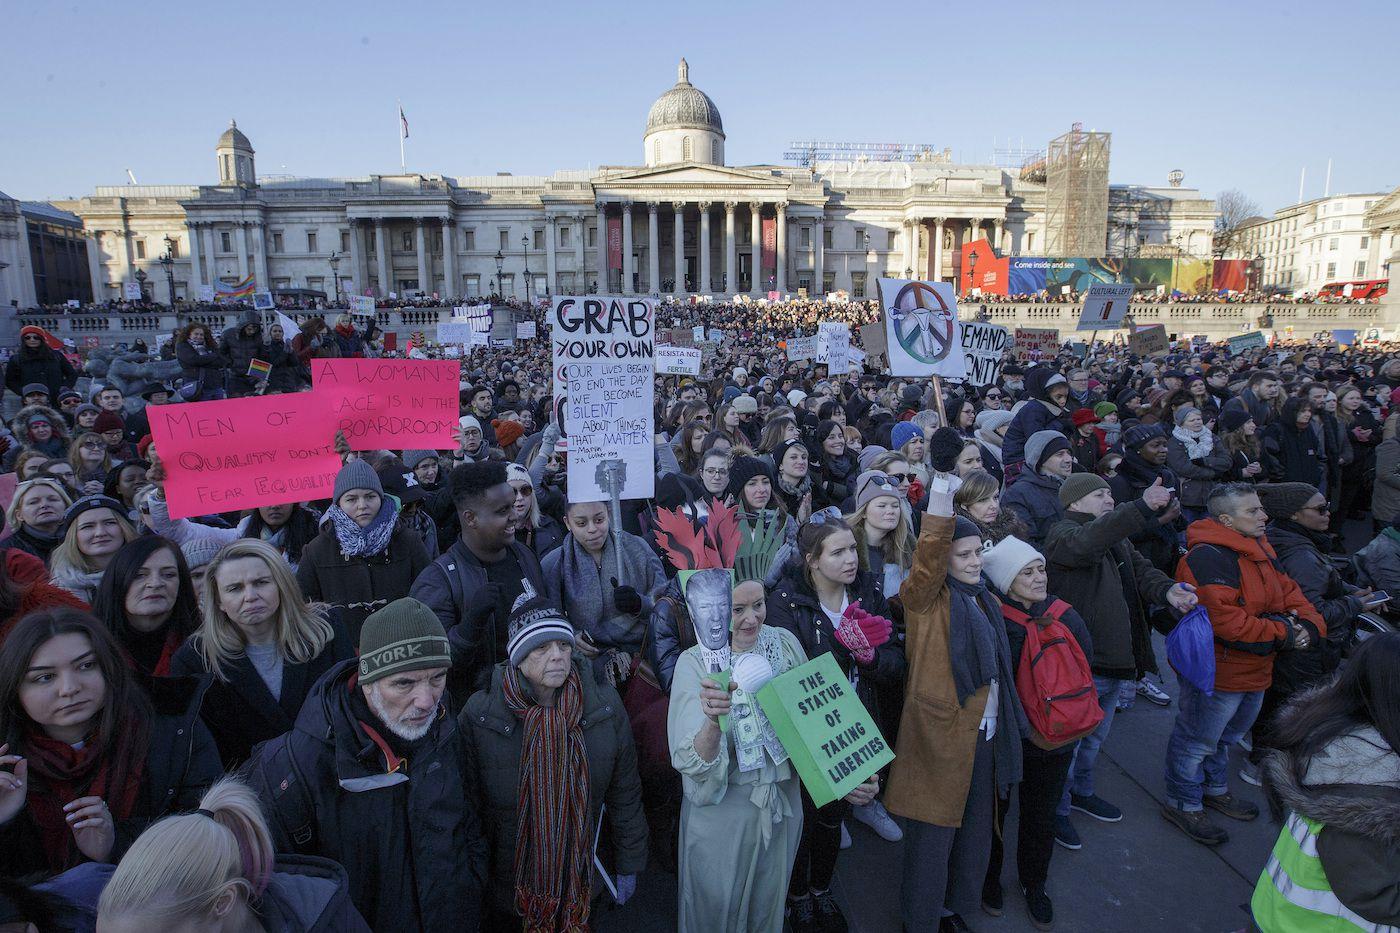 Manifestantes participan en la Marcha de las Mujeres en la Plaza Trafalgar en el centro de Londres tras la investidura del presidente de Estados Unidos, Donald Trump, el sábado 21 de enero de 2016. La manifestación se llevó a cabo en solidaridad con la Marcha de las Mujeres en Washington y otras cuidades del mundo, para defender los derechos de las mujeres y protestar por la presidencia de Trump. (AP Foto/Tim Ireland)